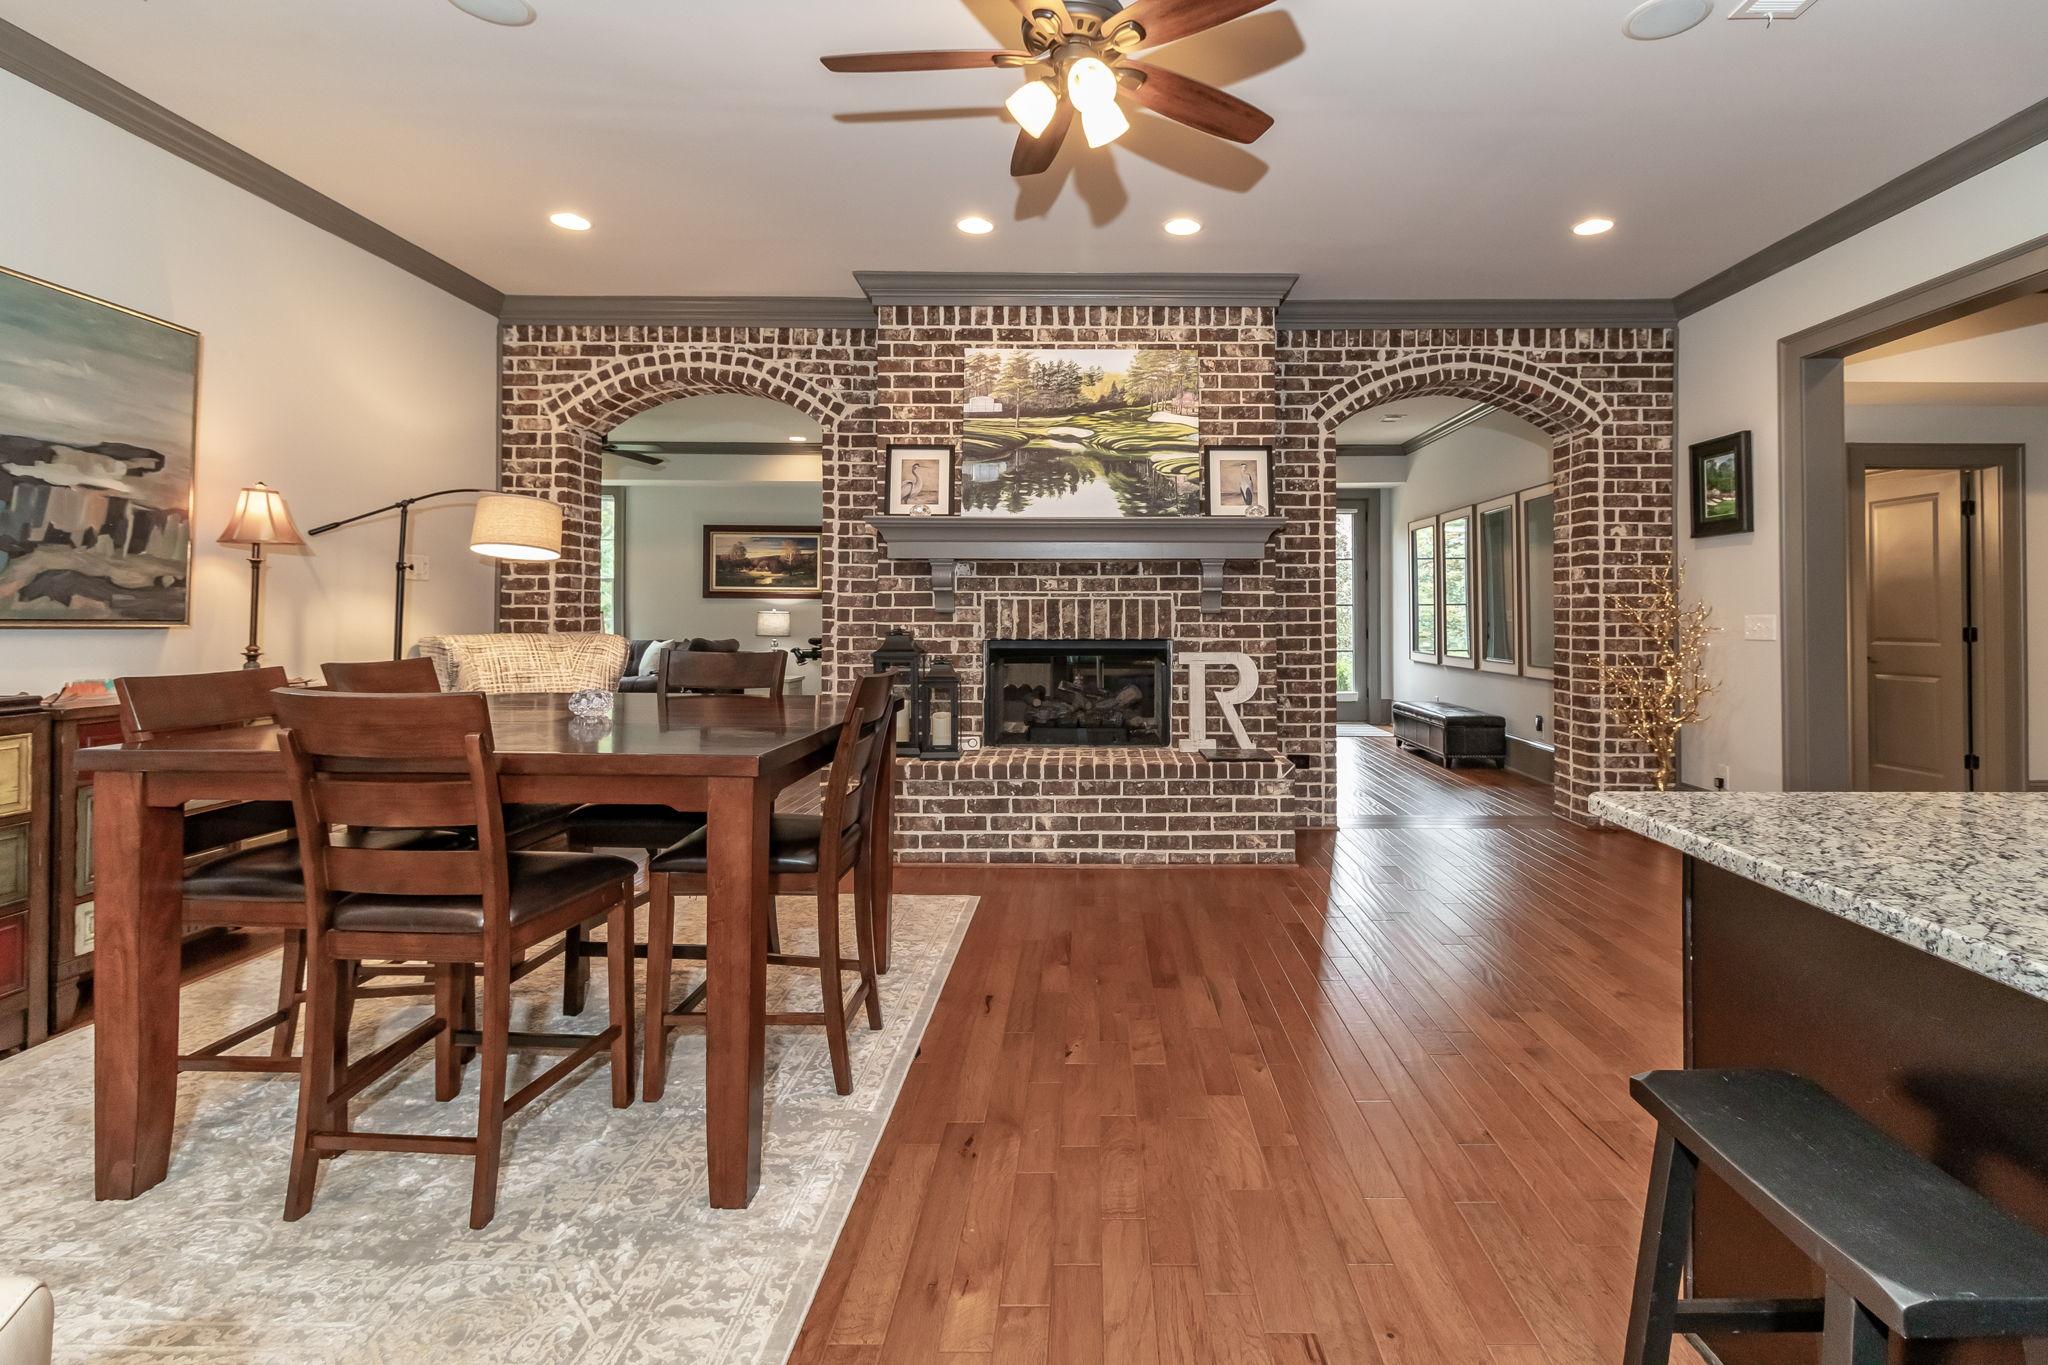 Basement - Beautiful Brick Fireplace